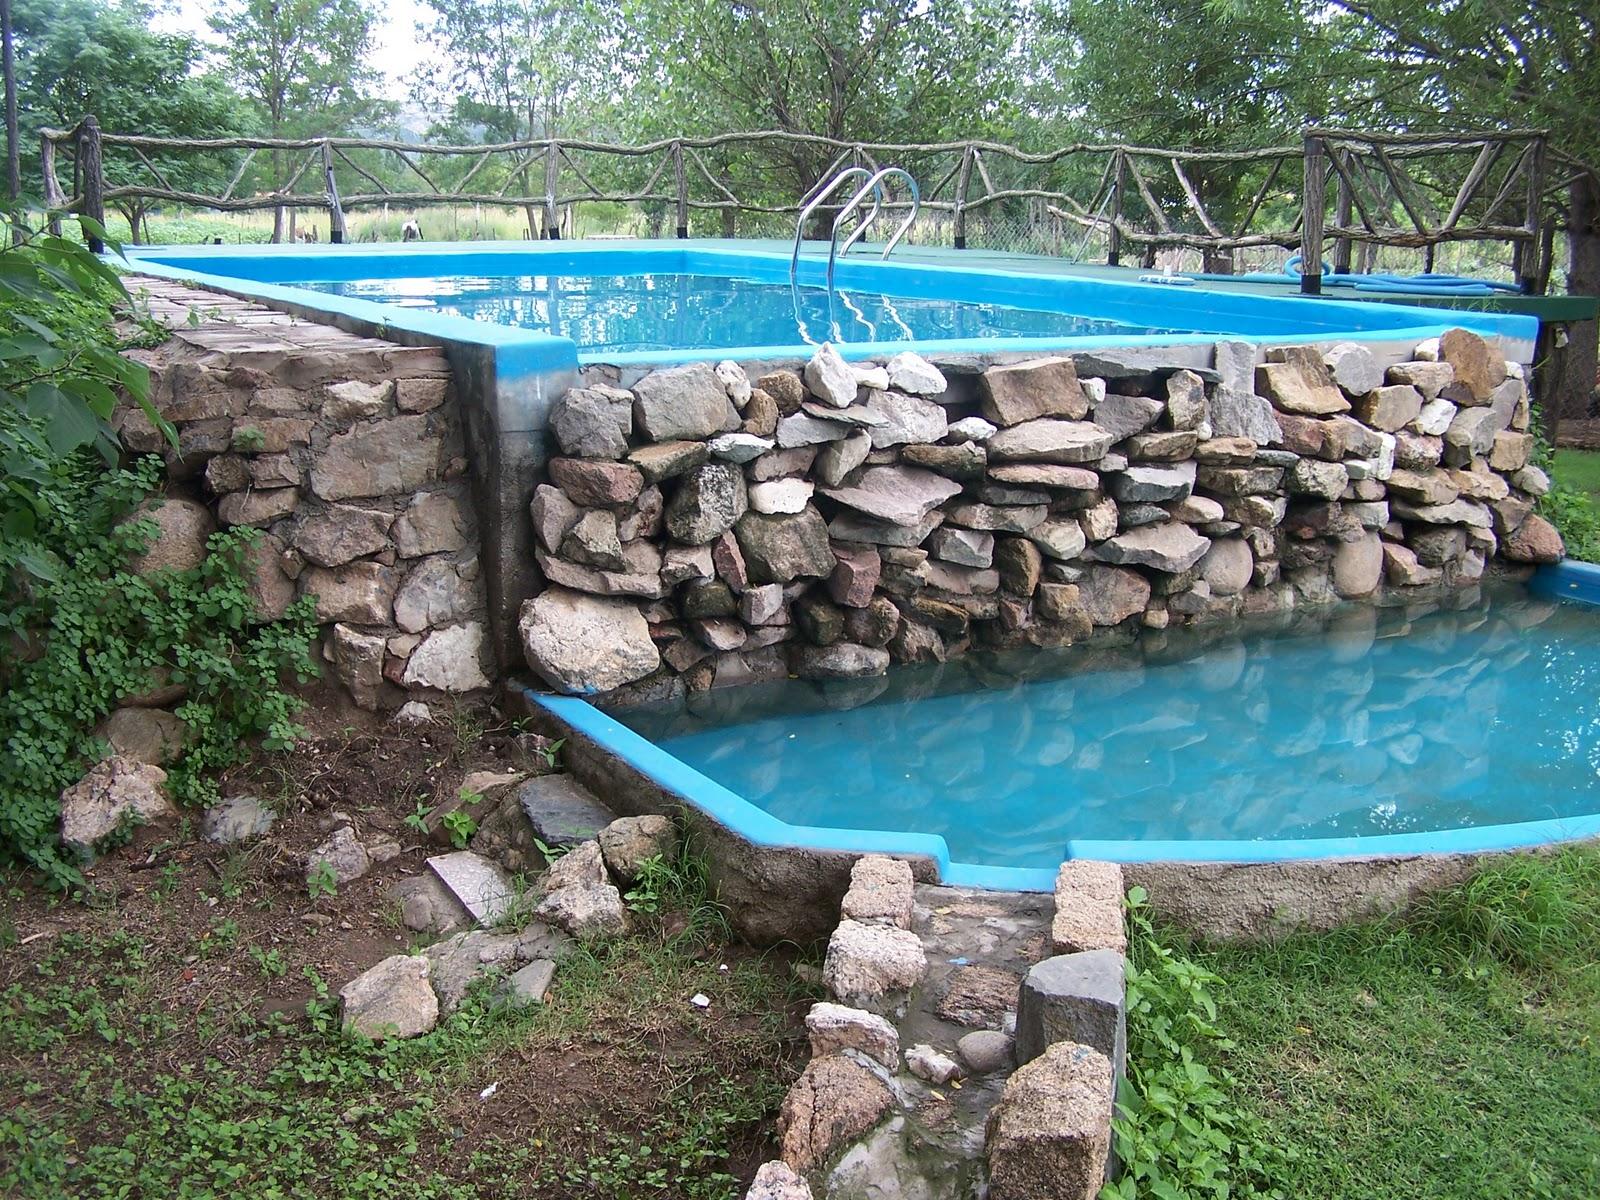 Pileta de nataci n menta y peperina for Piletas con cascadas